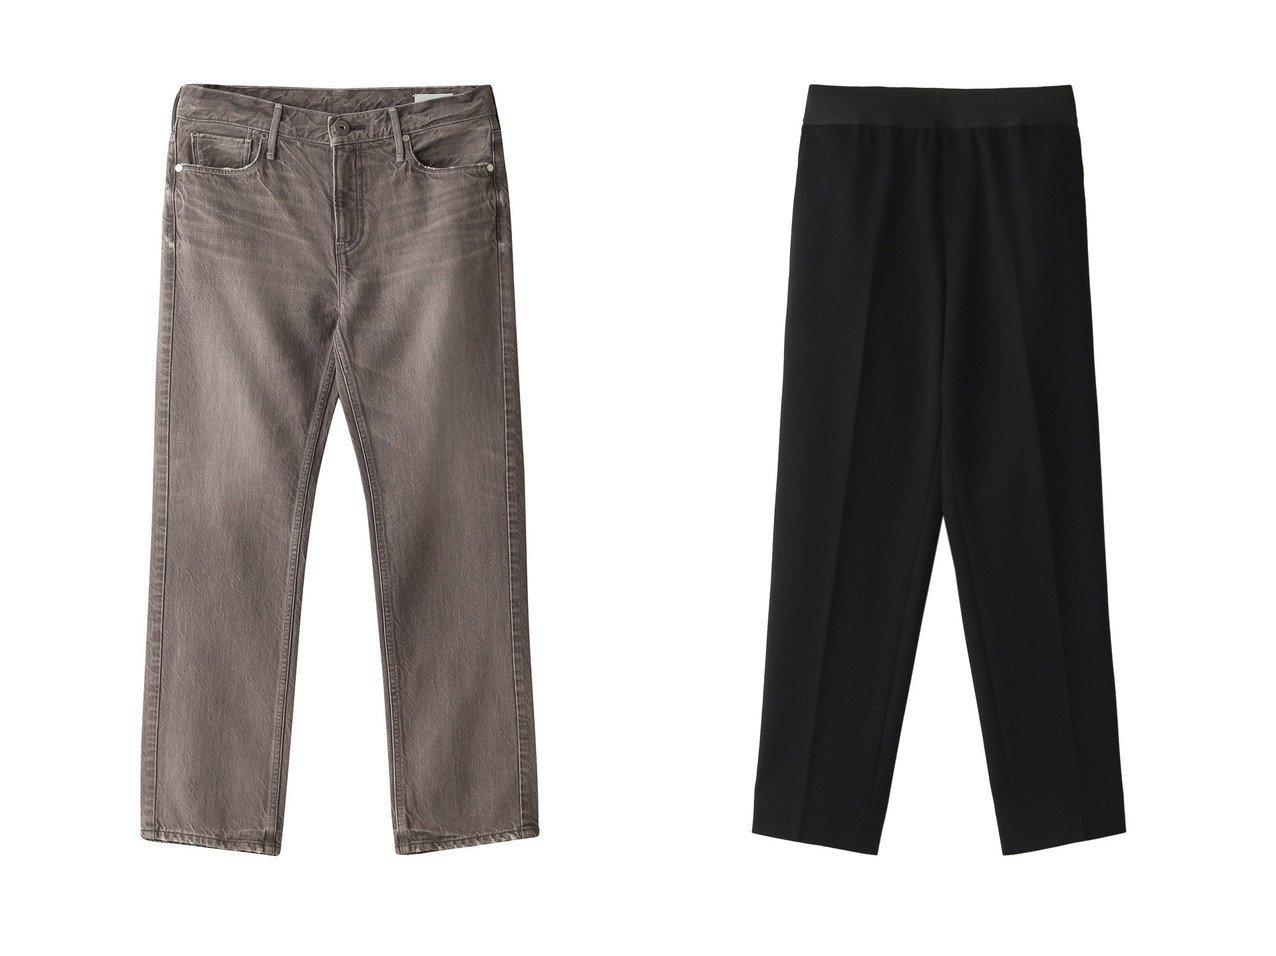 【upper hights/アッパー ハイツ】のTHE LIPSTICK ミッドライズスリムストレートデニム&【M Fil/エムフィル】のポンチテーパードクロップドイージーパンツ パンツのおすすめ!人気、レディースファッションの通販 おすすめで人気のファッション通販商品 インテリア・家具・キッズファッション・メンズファッション・レディースファッション・服の通販 founy(ファニー) https://founy.com/ ファッション Fashion レディース WOMEN パンツ Pants デニムパンツ Denim Pants シンプル ストレート デニム |ID:crp329100000000160